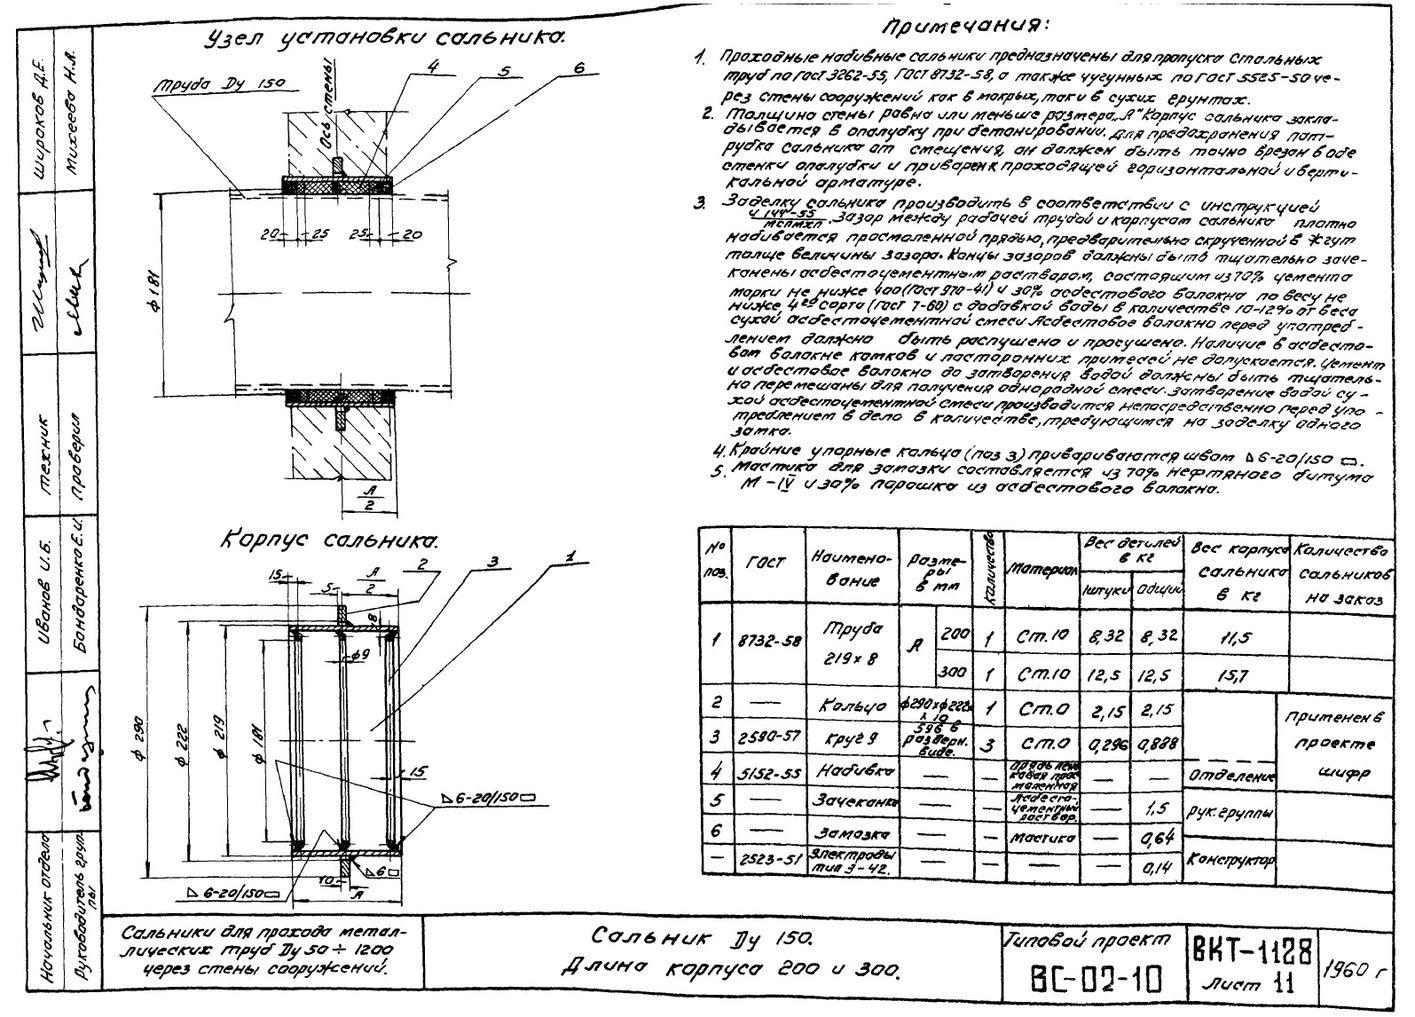 Сальники набивные L = 300 мм типовой проект ВС-02-10 стр.5